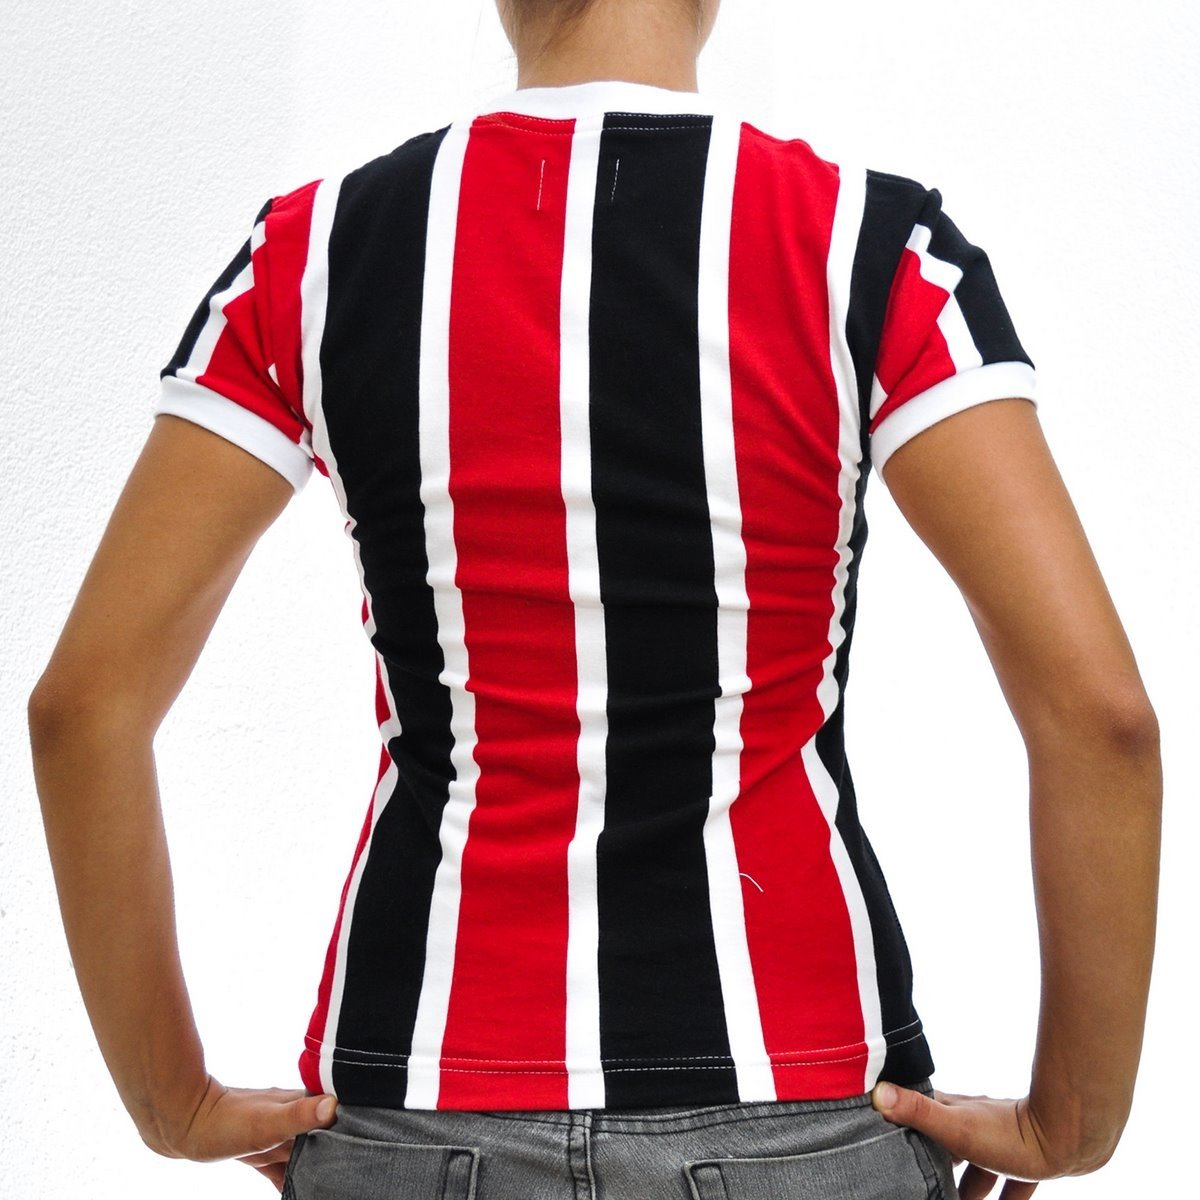 Santa e PE Camisa Feminina Vermelho Retrô Preto Cruz 1983 Mania wZtUFtx